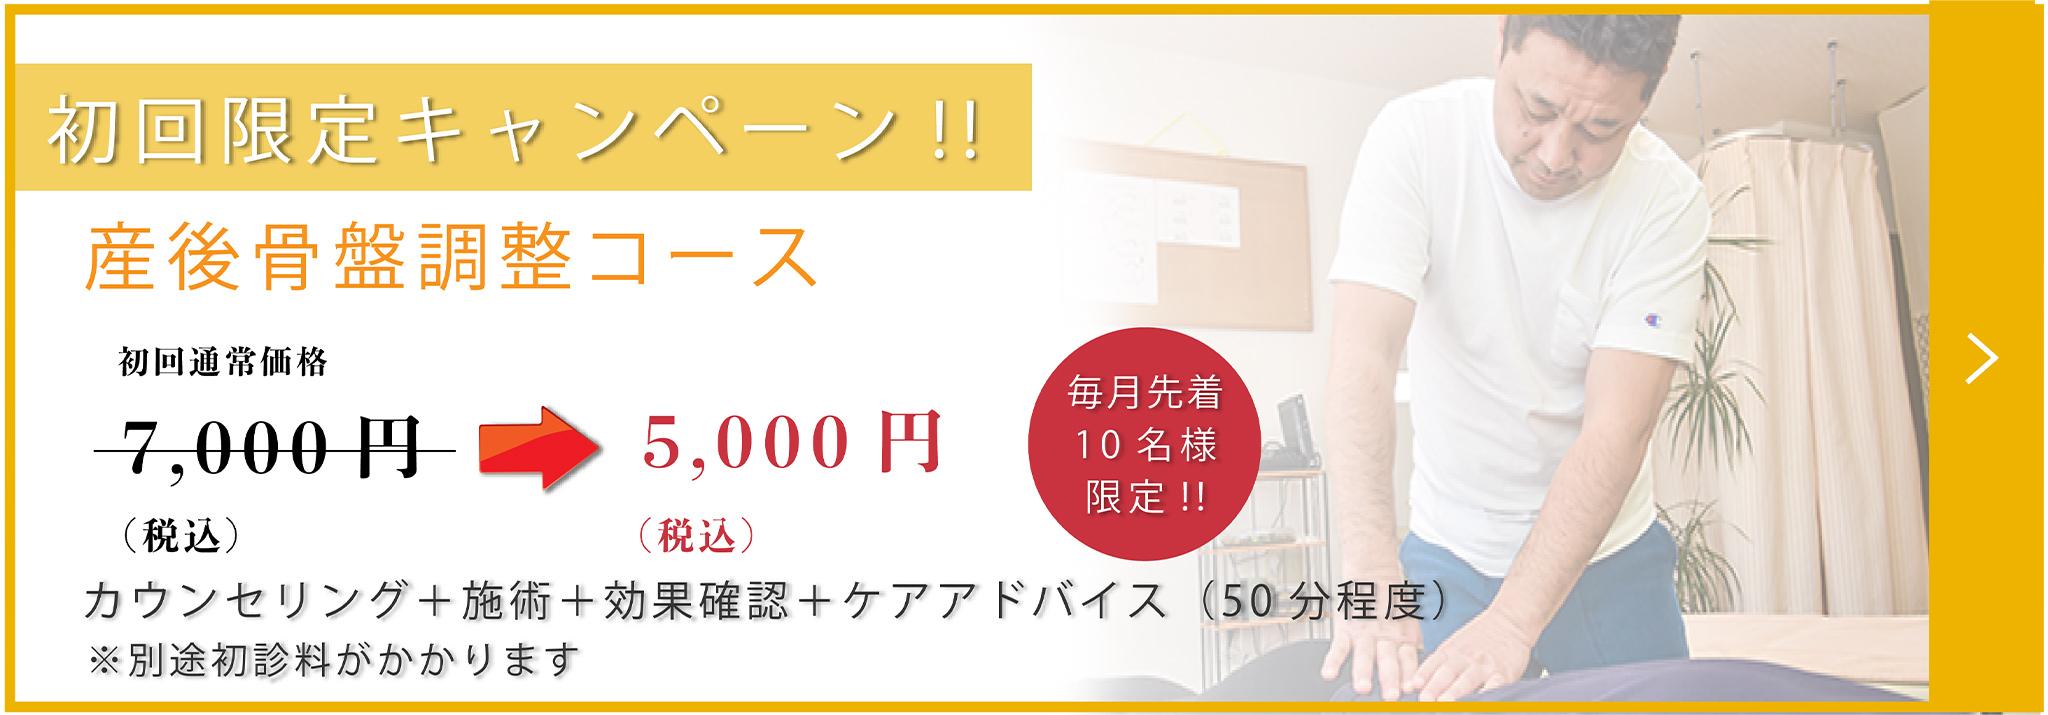 3 - 料金・メニュー